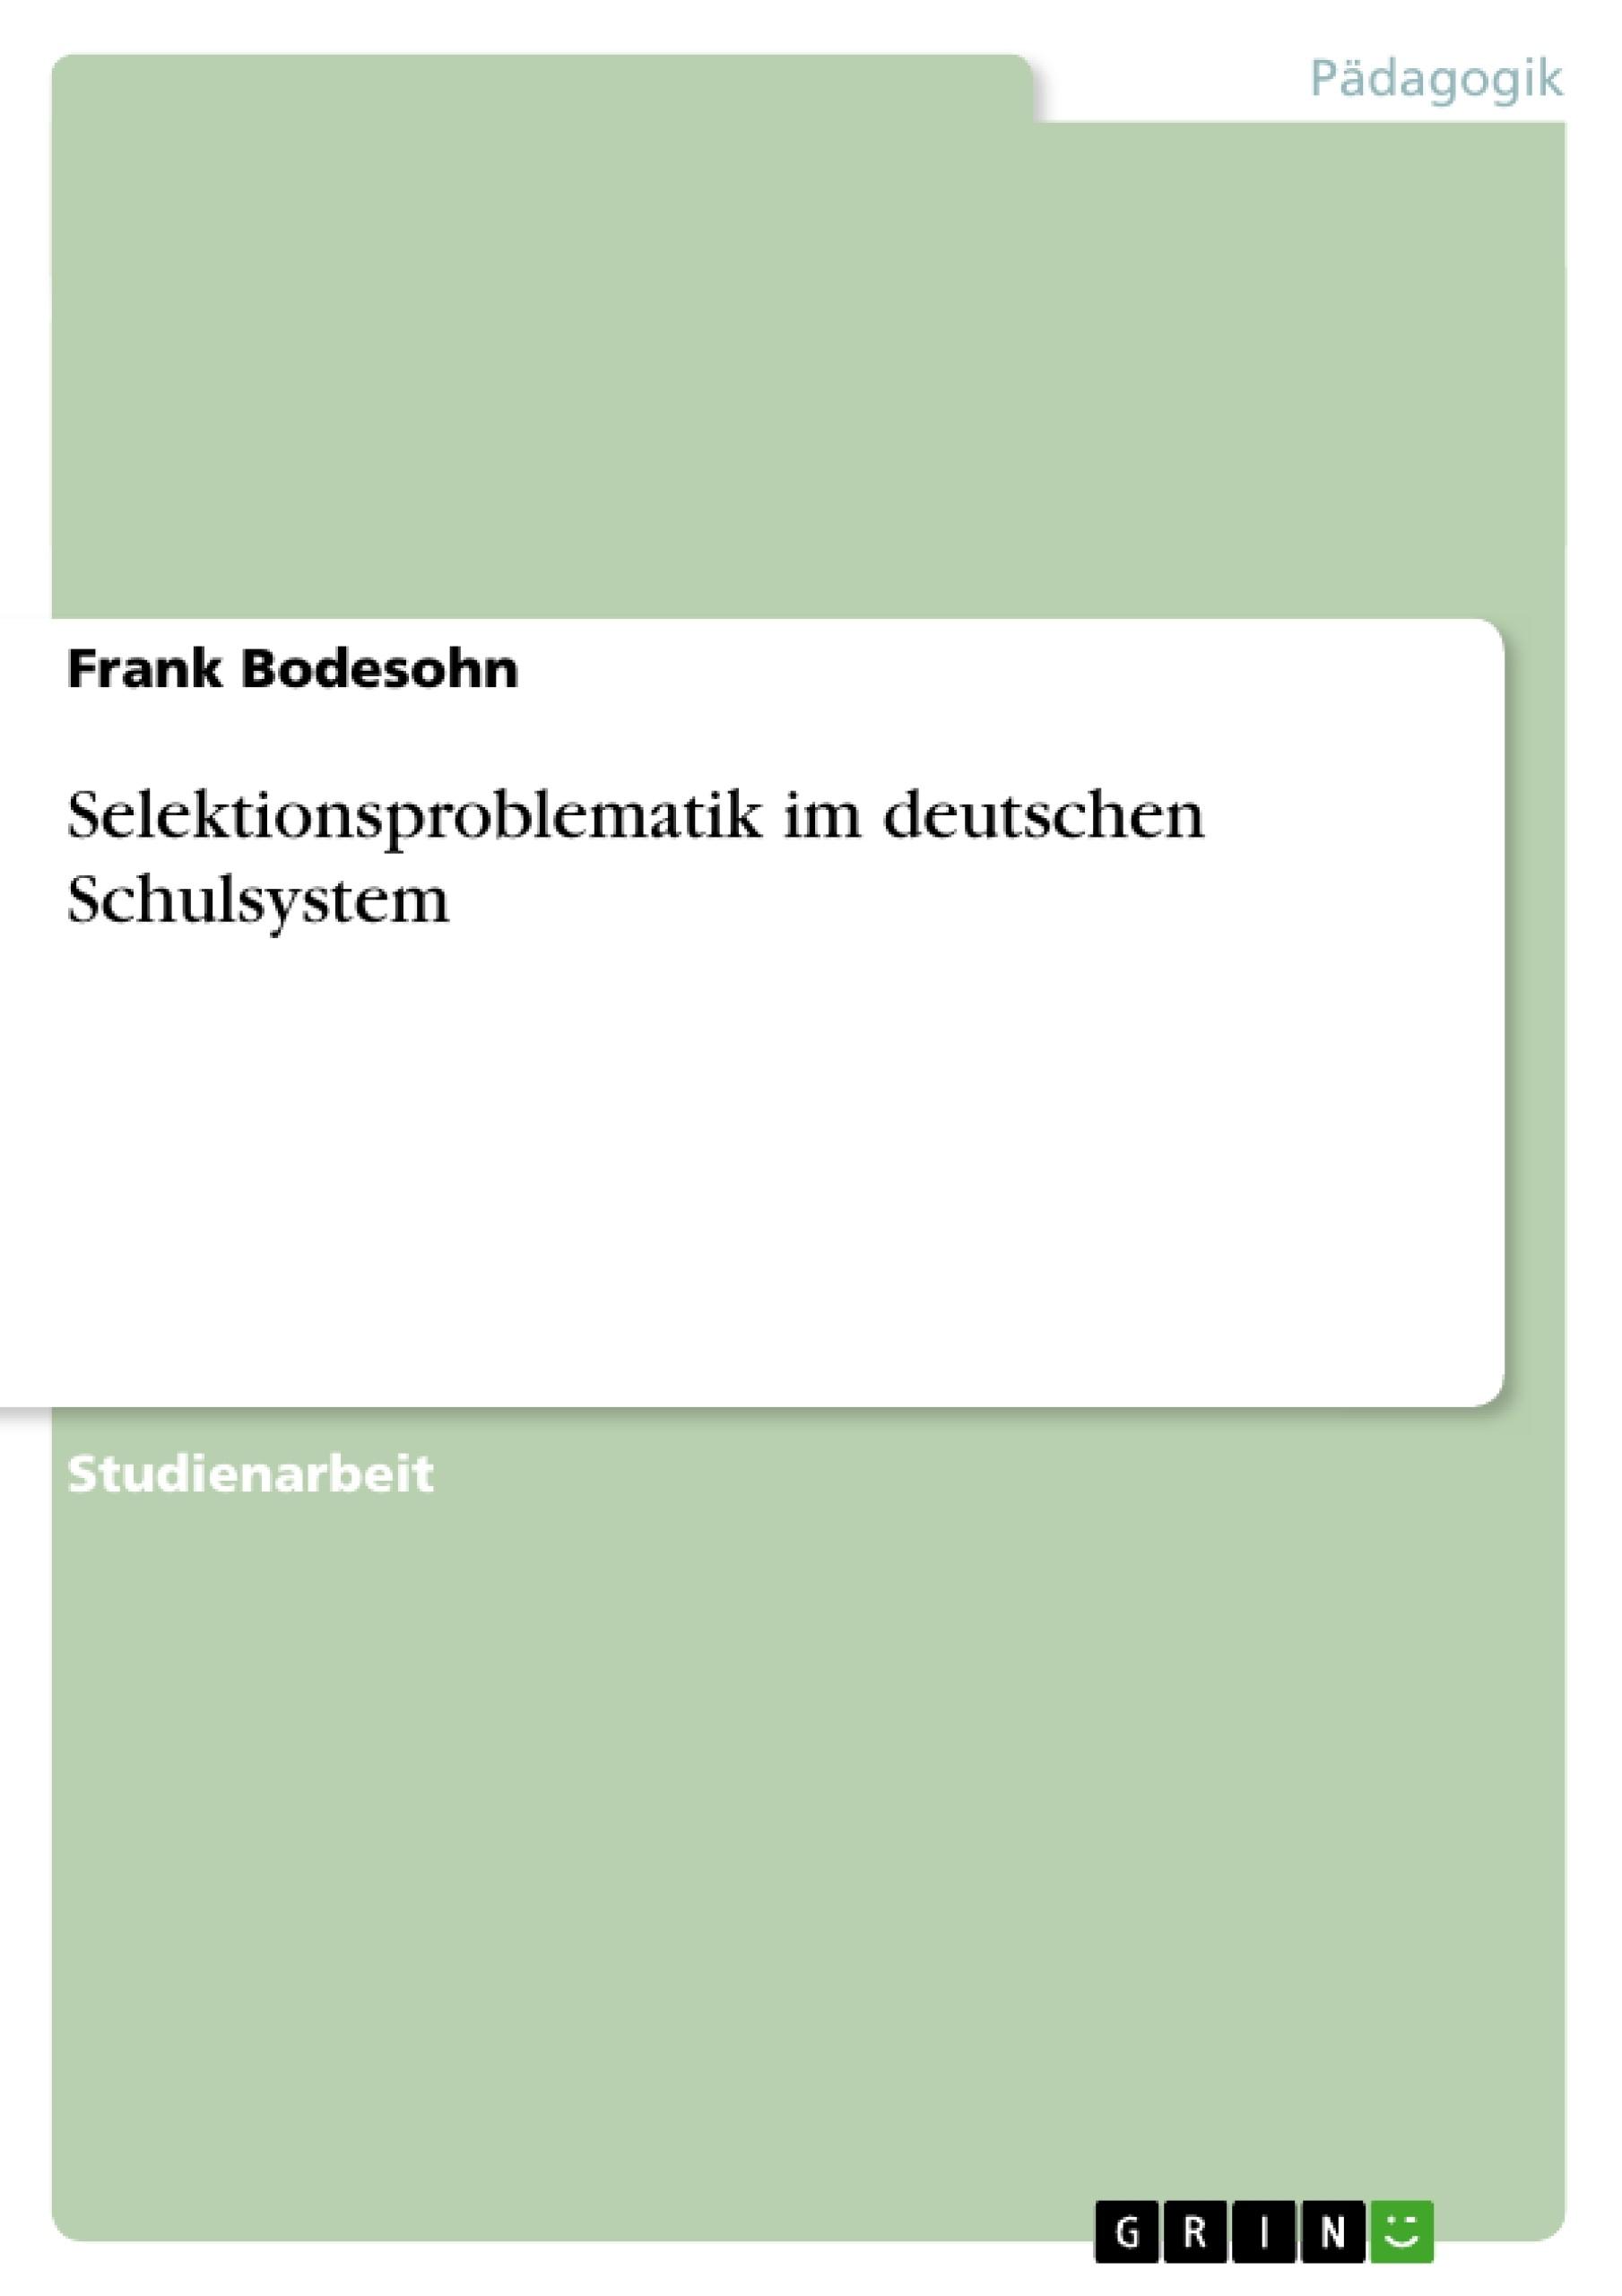 Titel: Selektionsproblematik im deutschen Schulsystem